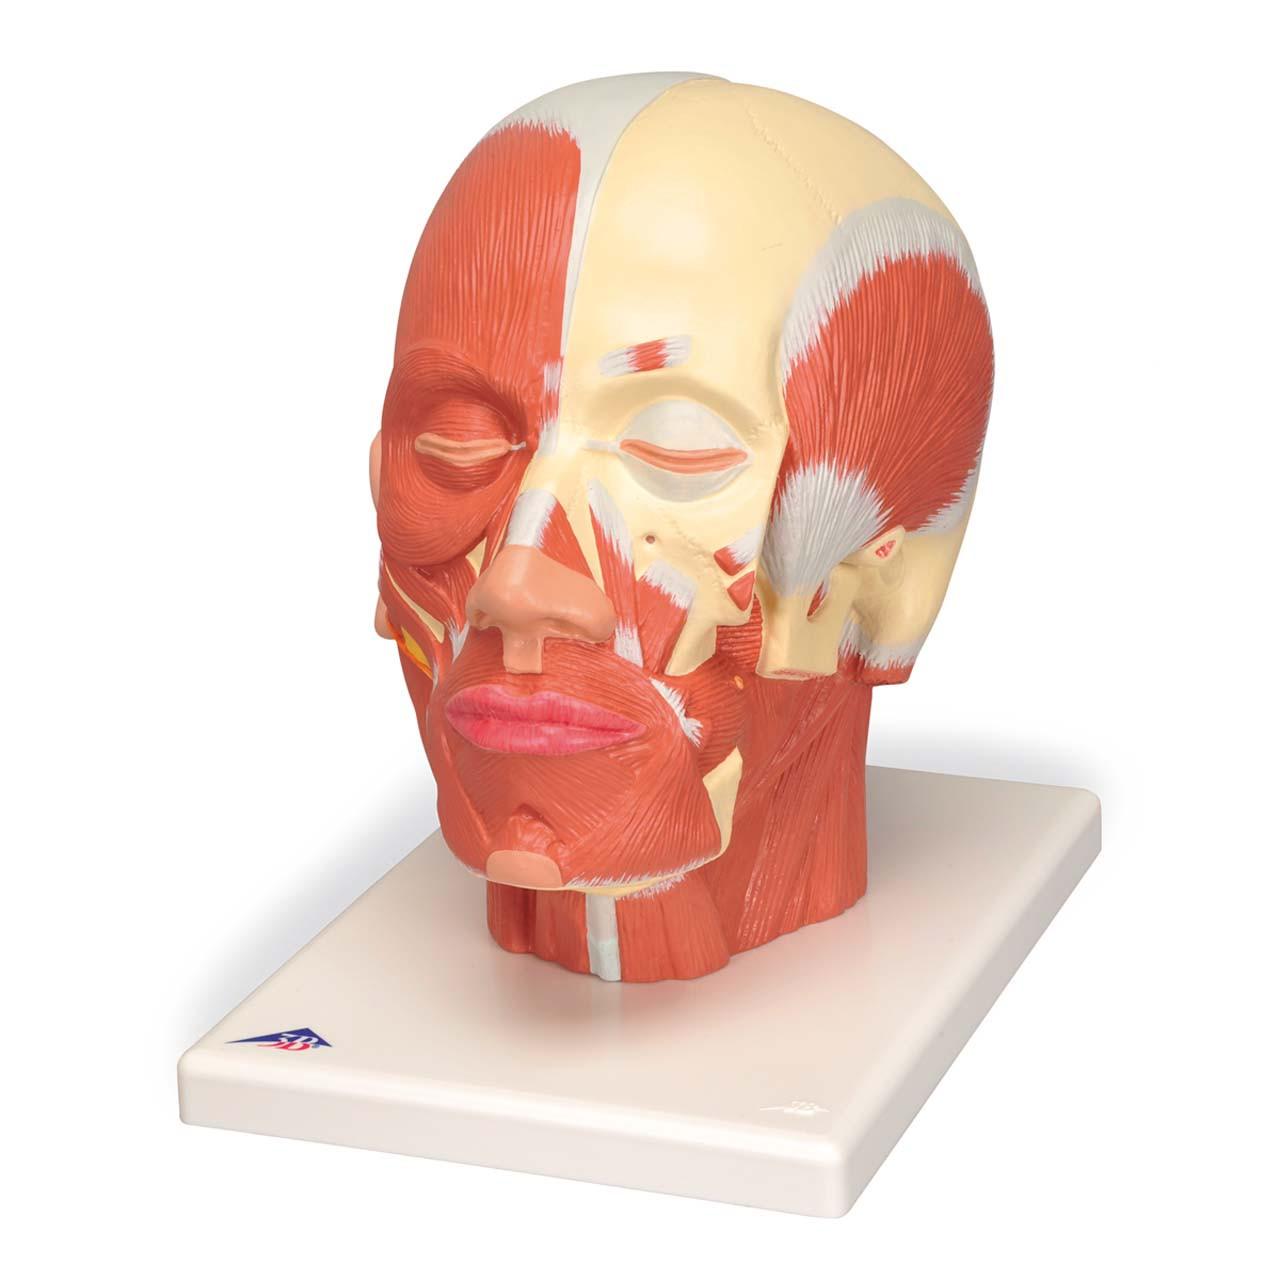 1001239 - Head Musculature